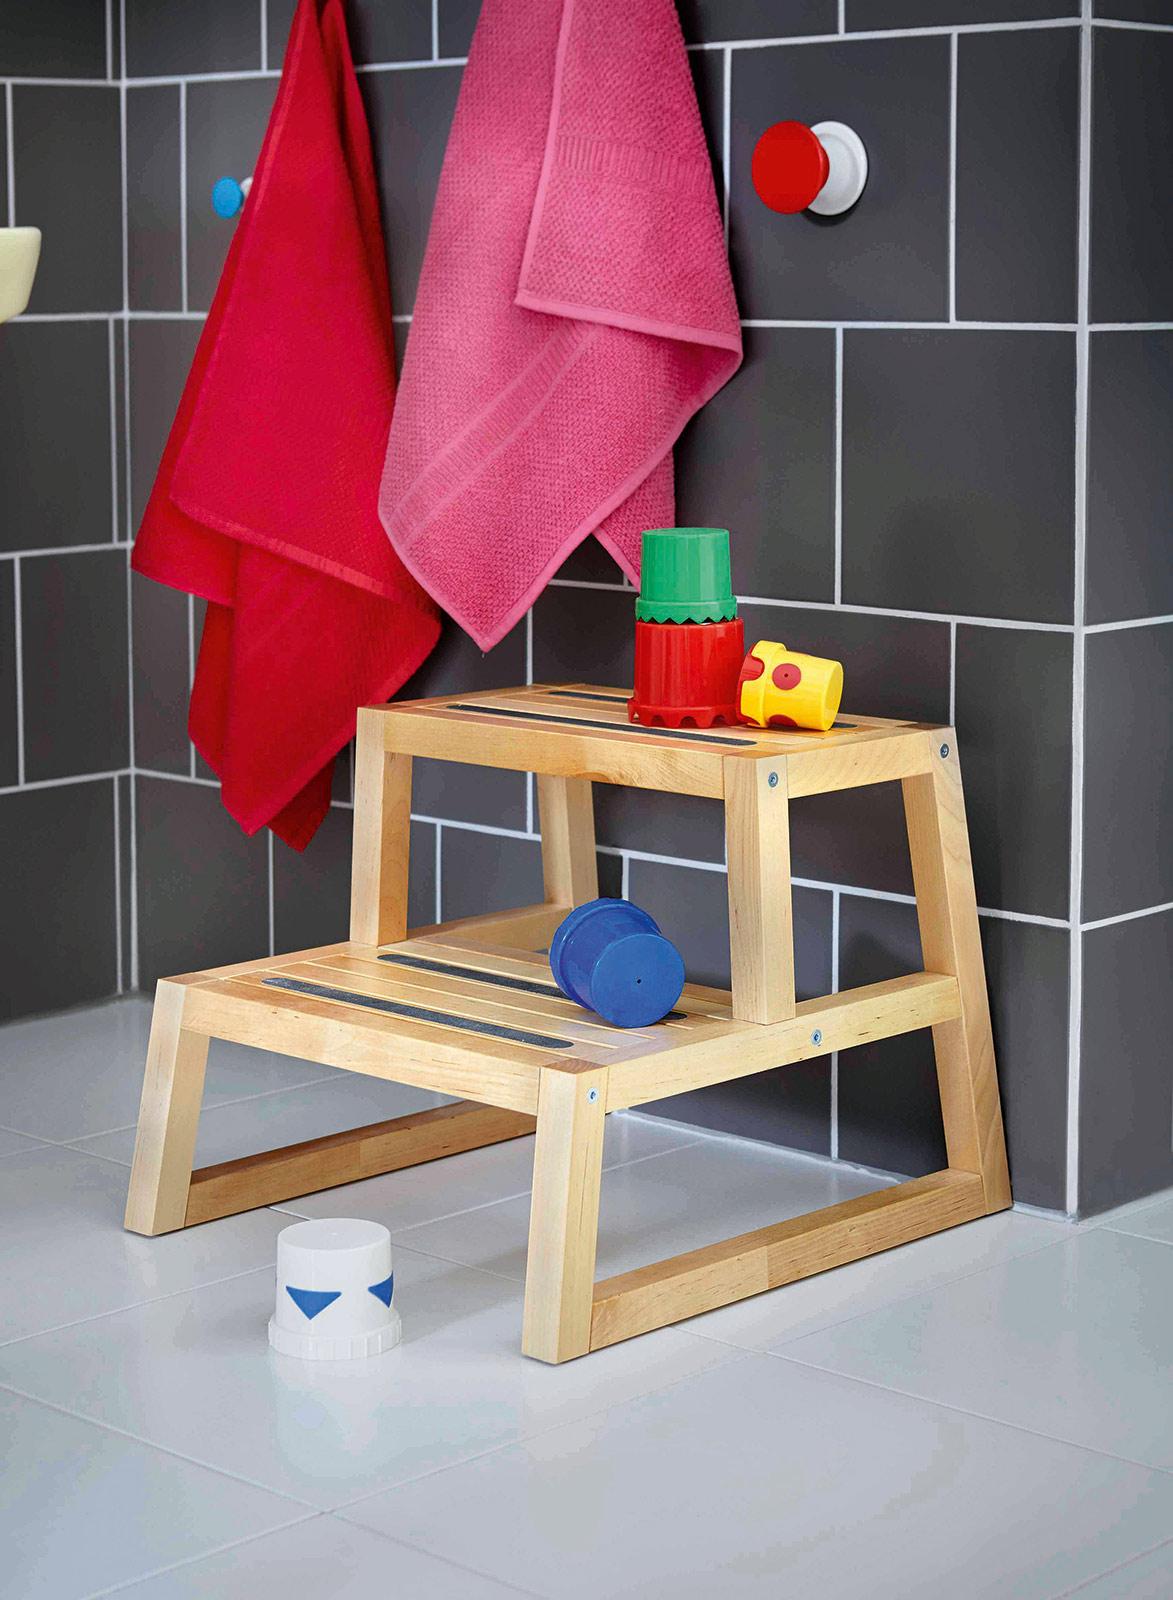 Sgabello Bambini Bagno Ikea un bagno ad altezza di bimbo. sicurezza, fantasia, ordine